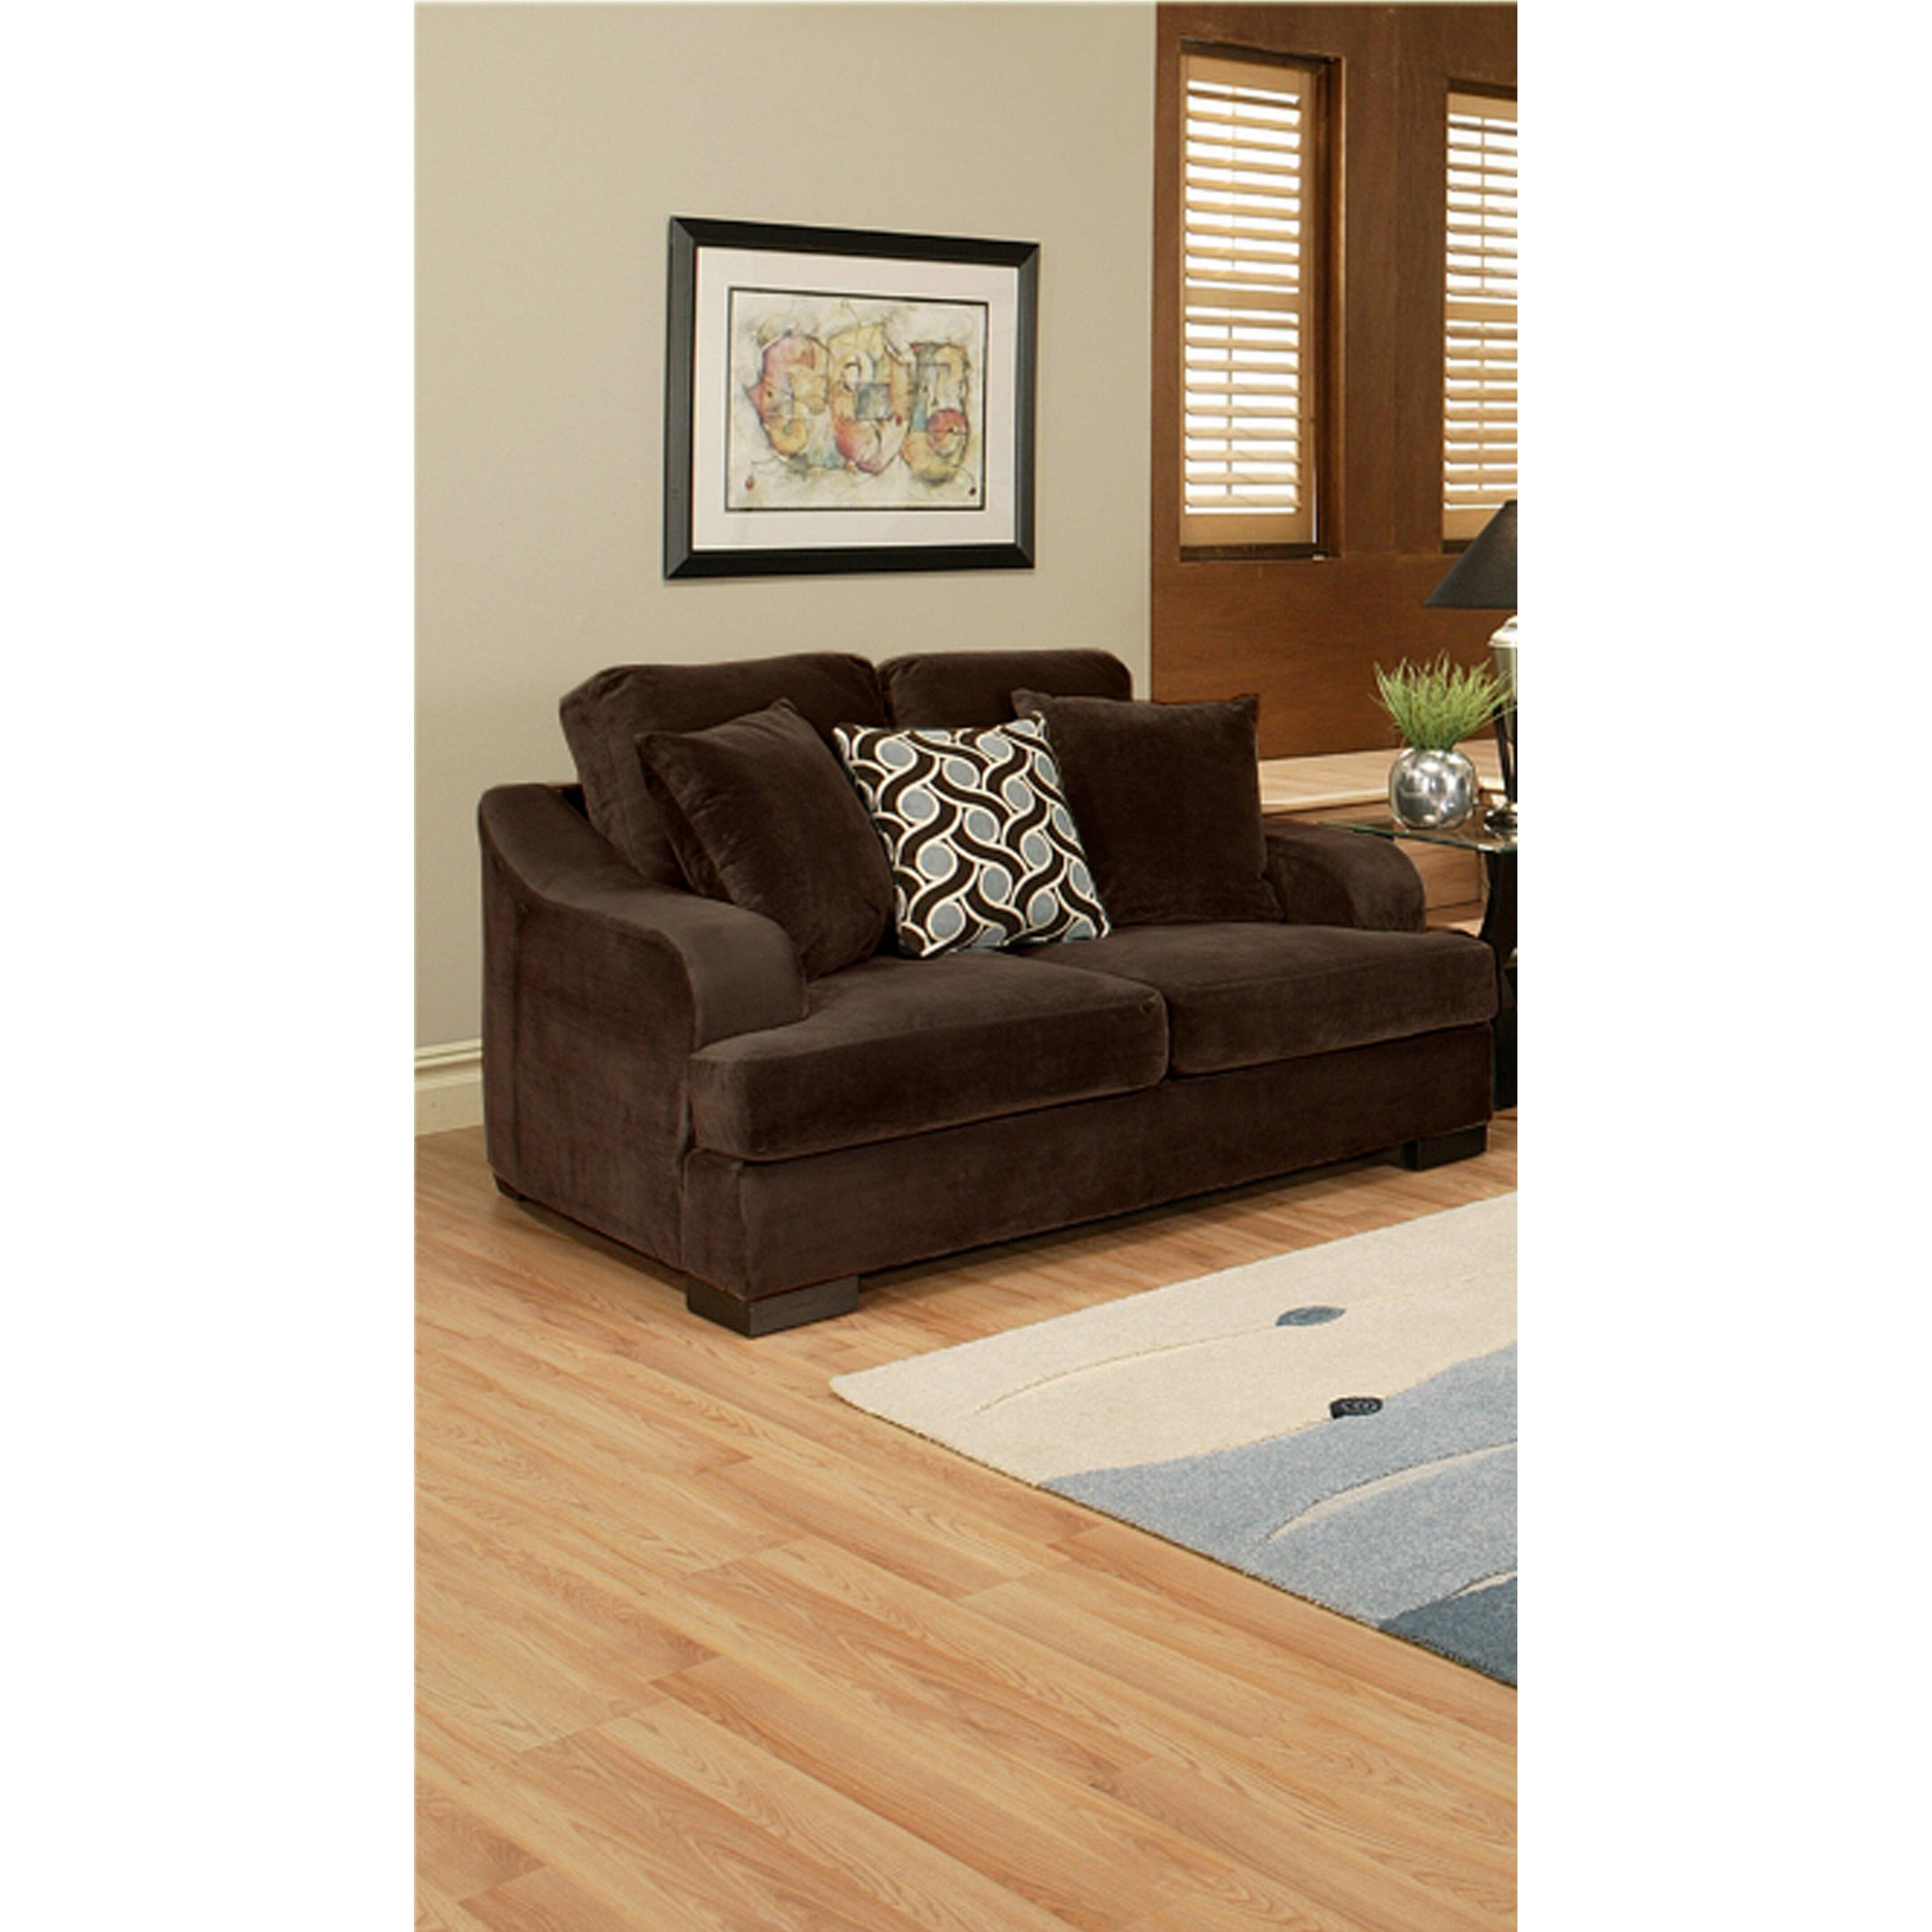 Hokku Designs Valenciaga Living Room Collection | Wayfair